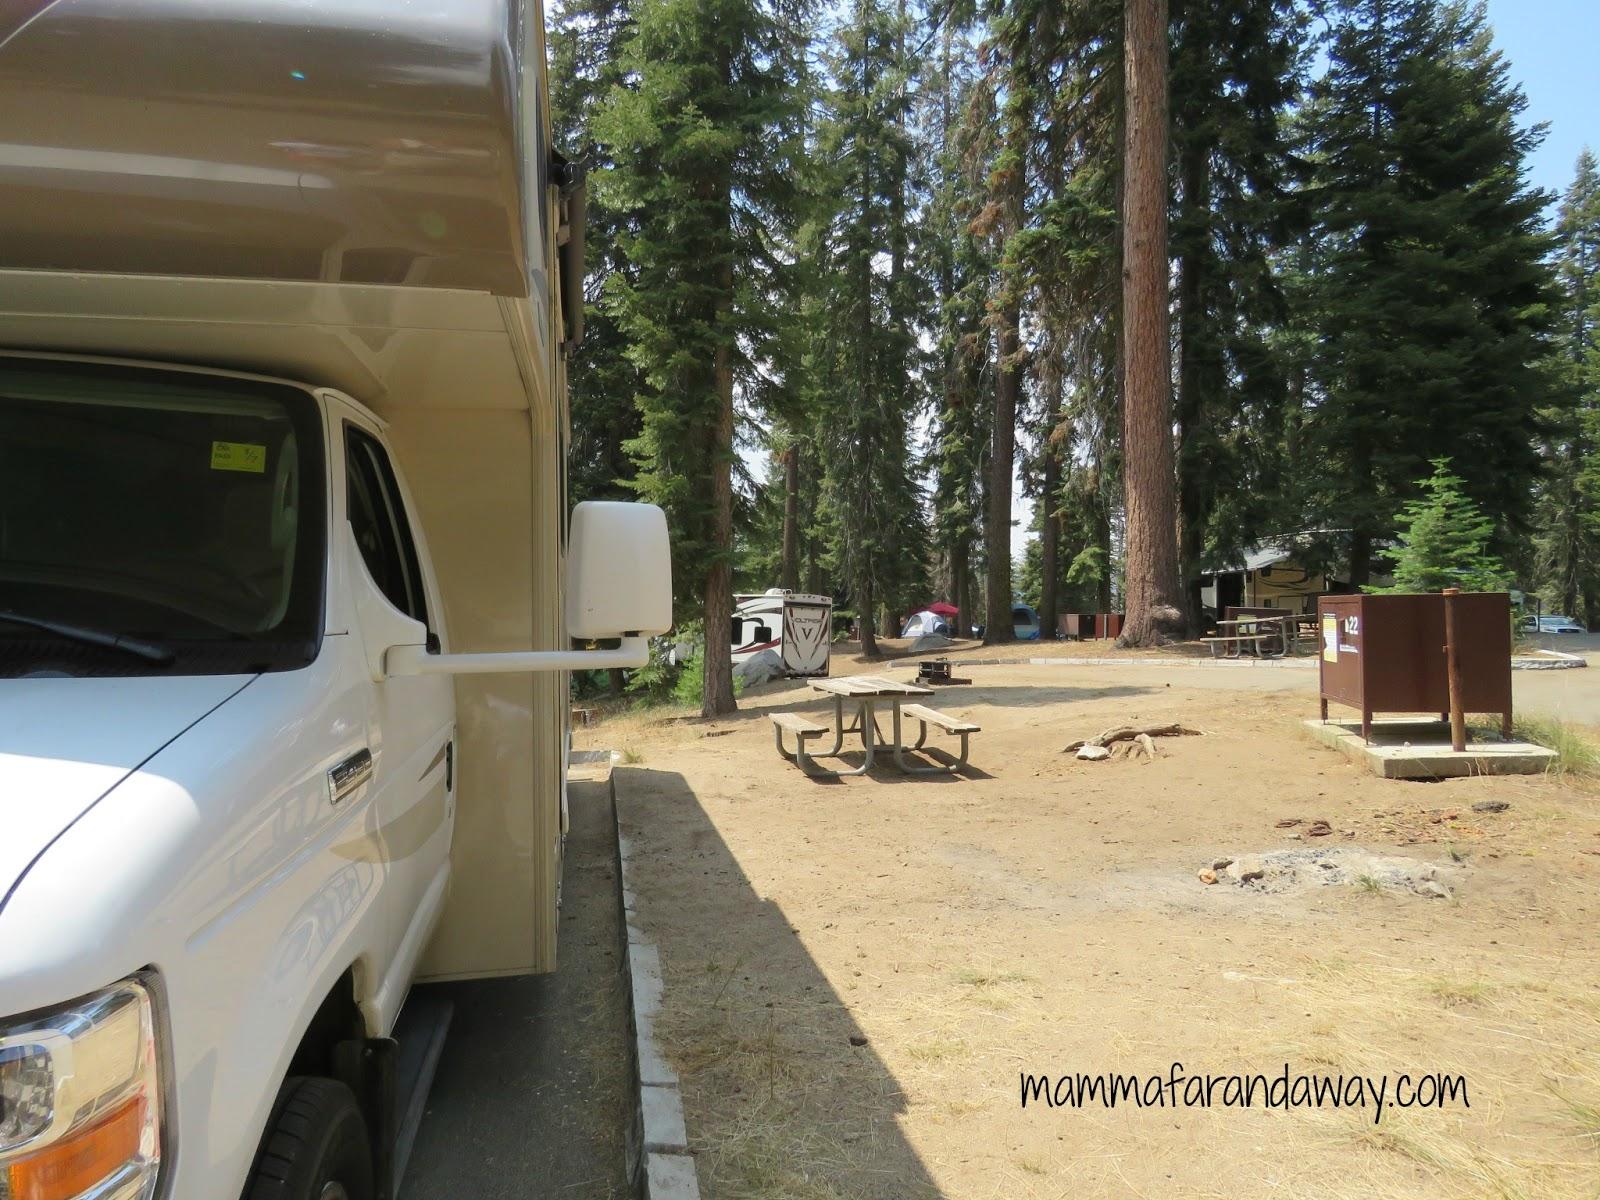 Sedie Fatte Con Mollette Di Legno.California In Camper Informazioni Pratiche